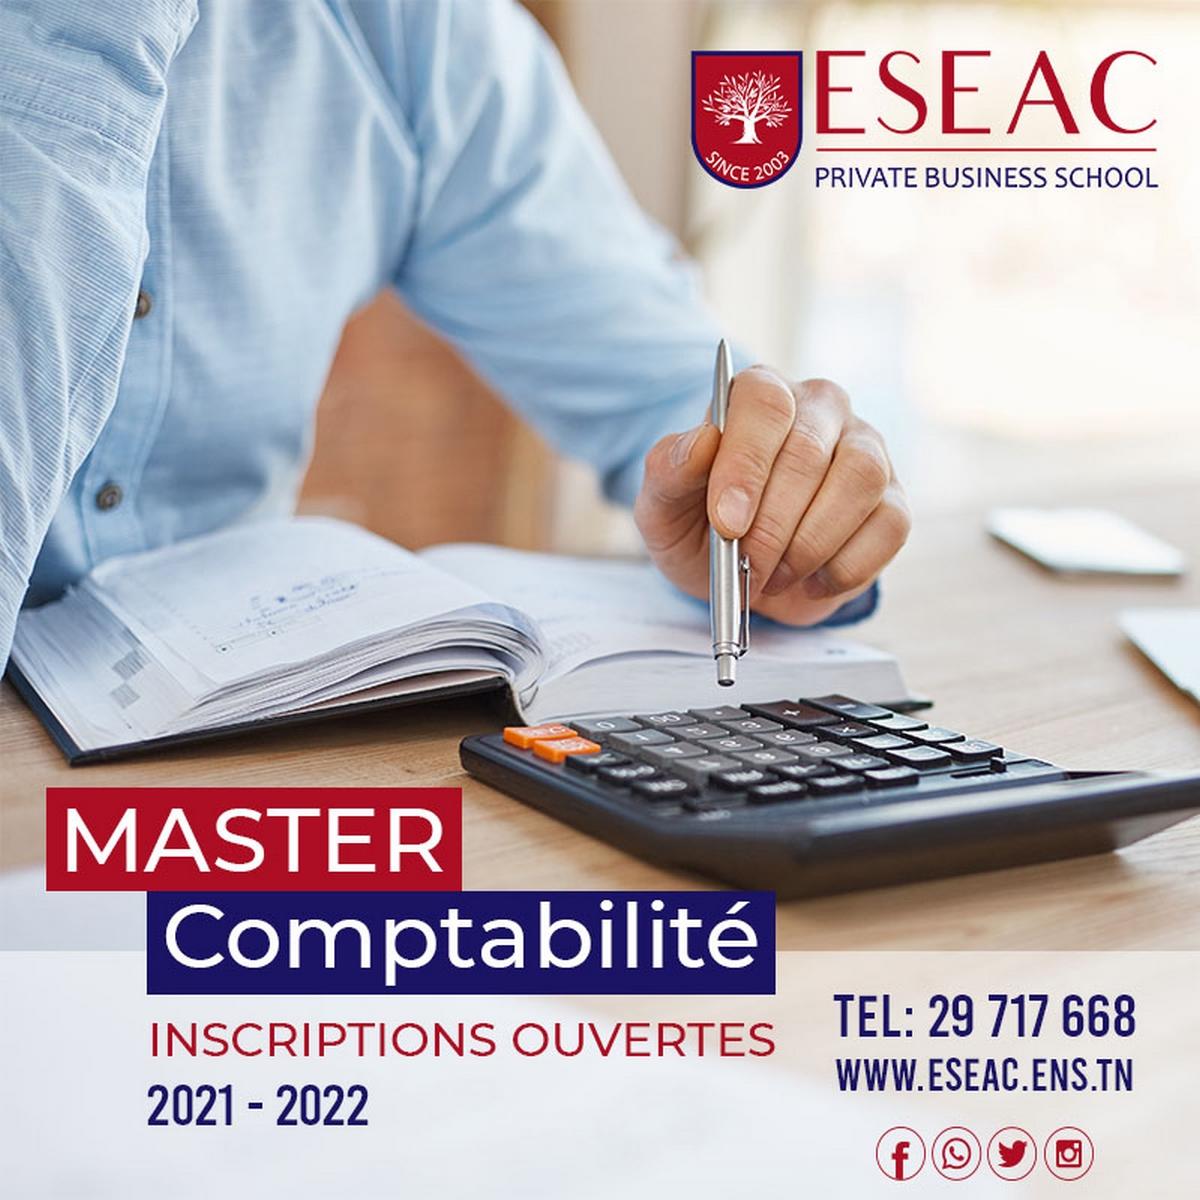 المدرسة العليا الخاصة للدراسات الإدارية والتجارية بصفاقس..تميّز في  اختصاص المحاسبة